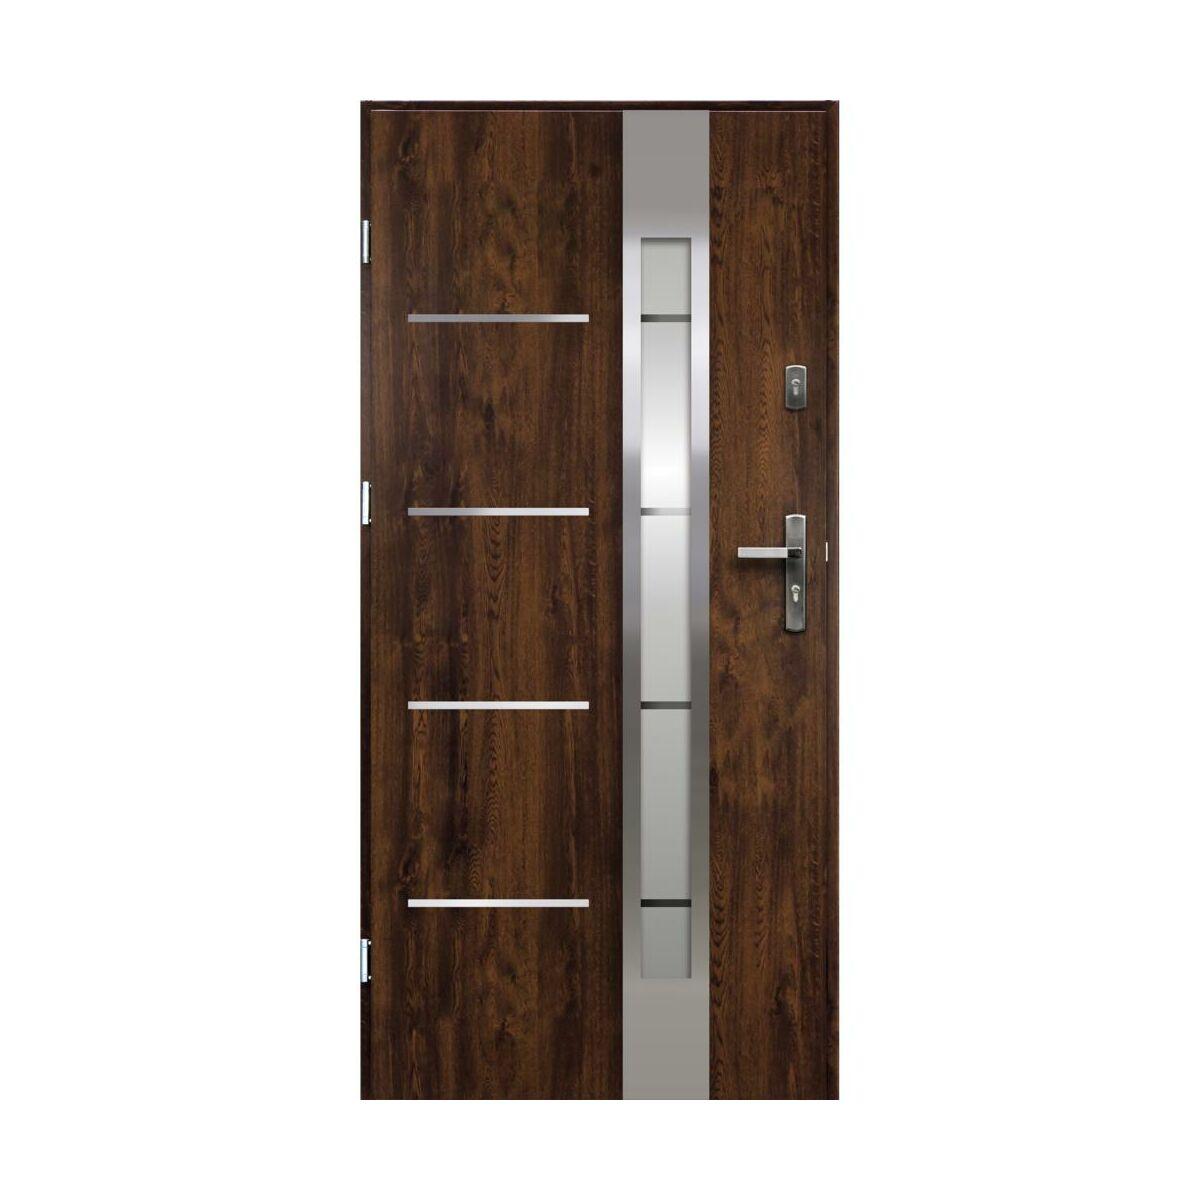 Drzwi Wejsciowe Adriana Orzech 80 Lewe Ok Doors Trendline Drzwi Zewnetrzne Do Domu Mieszkania W Atrakcyjnej Cenie W Sklepach Leroy Merlin